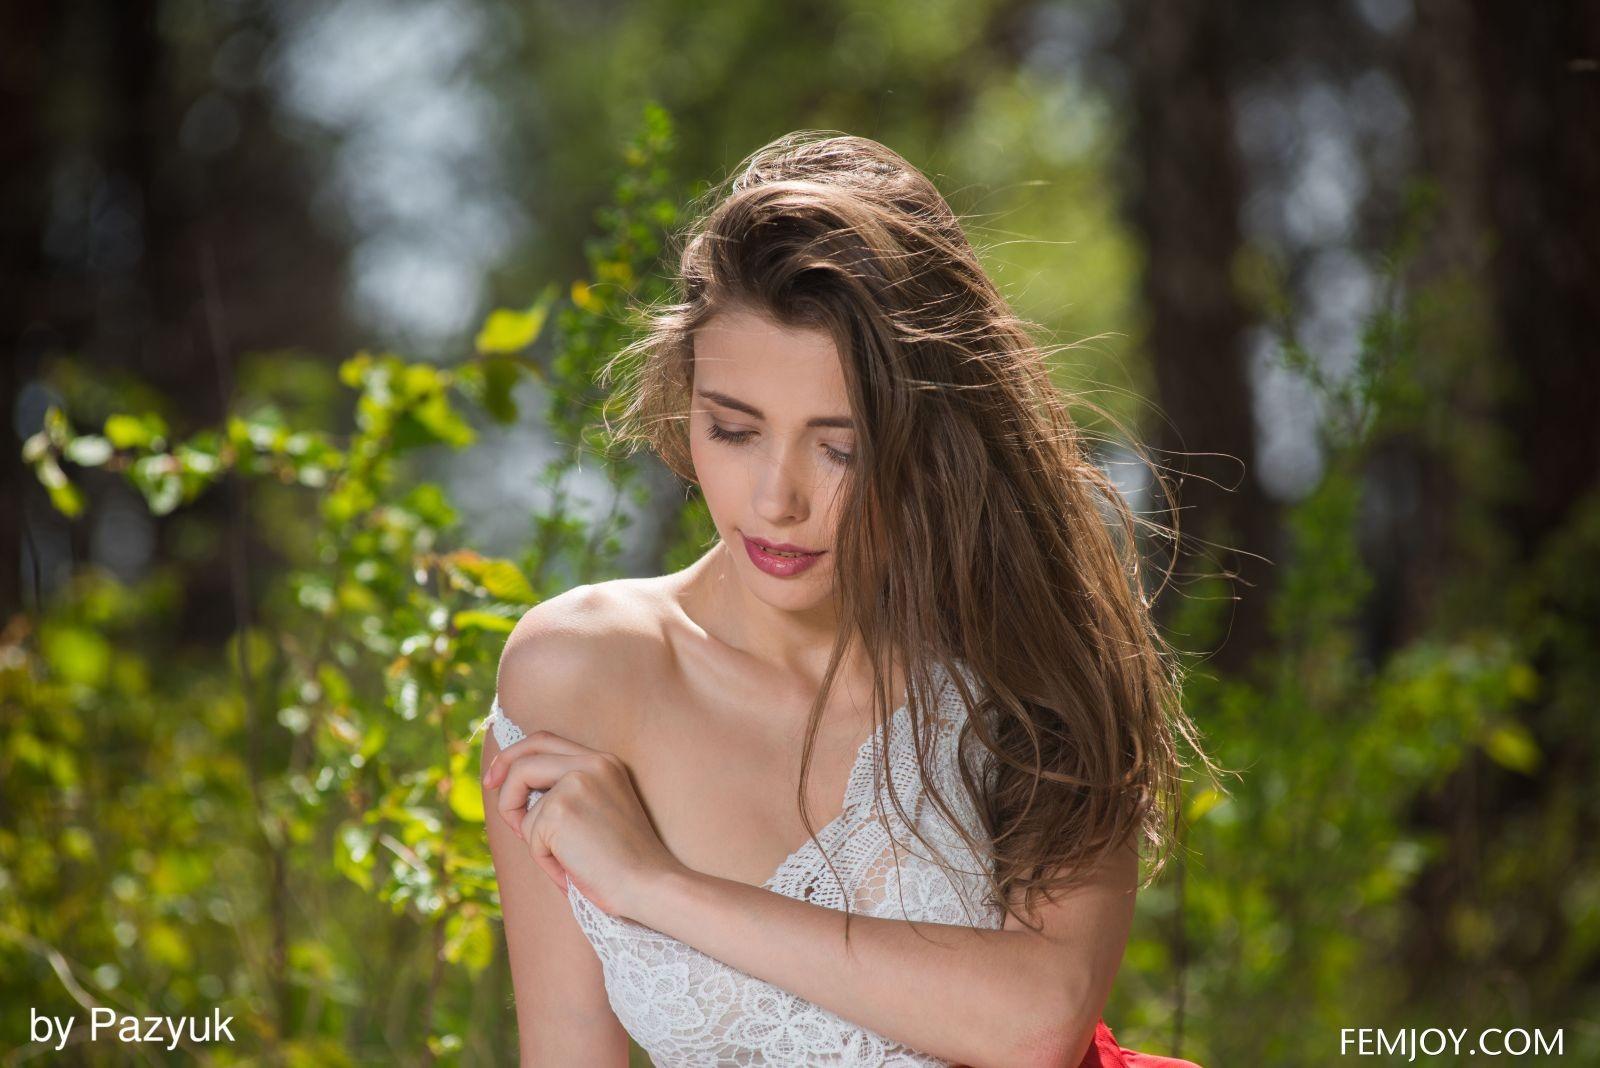 Сисястая красавица на пикнике - фото